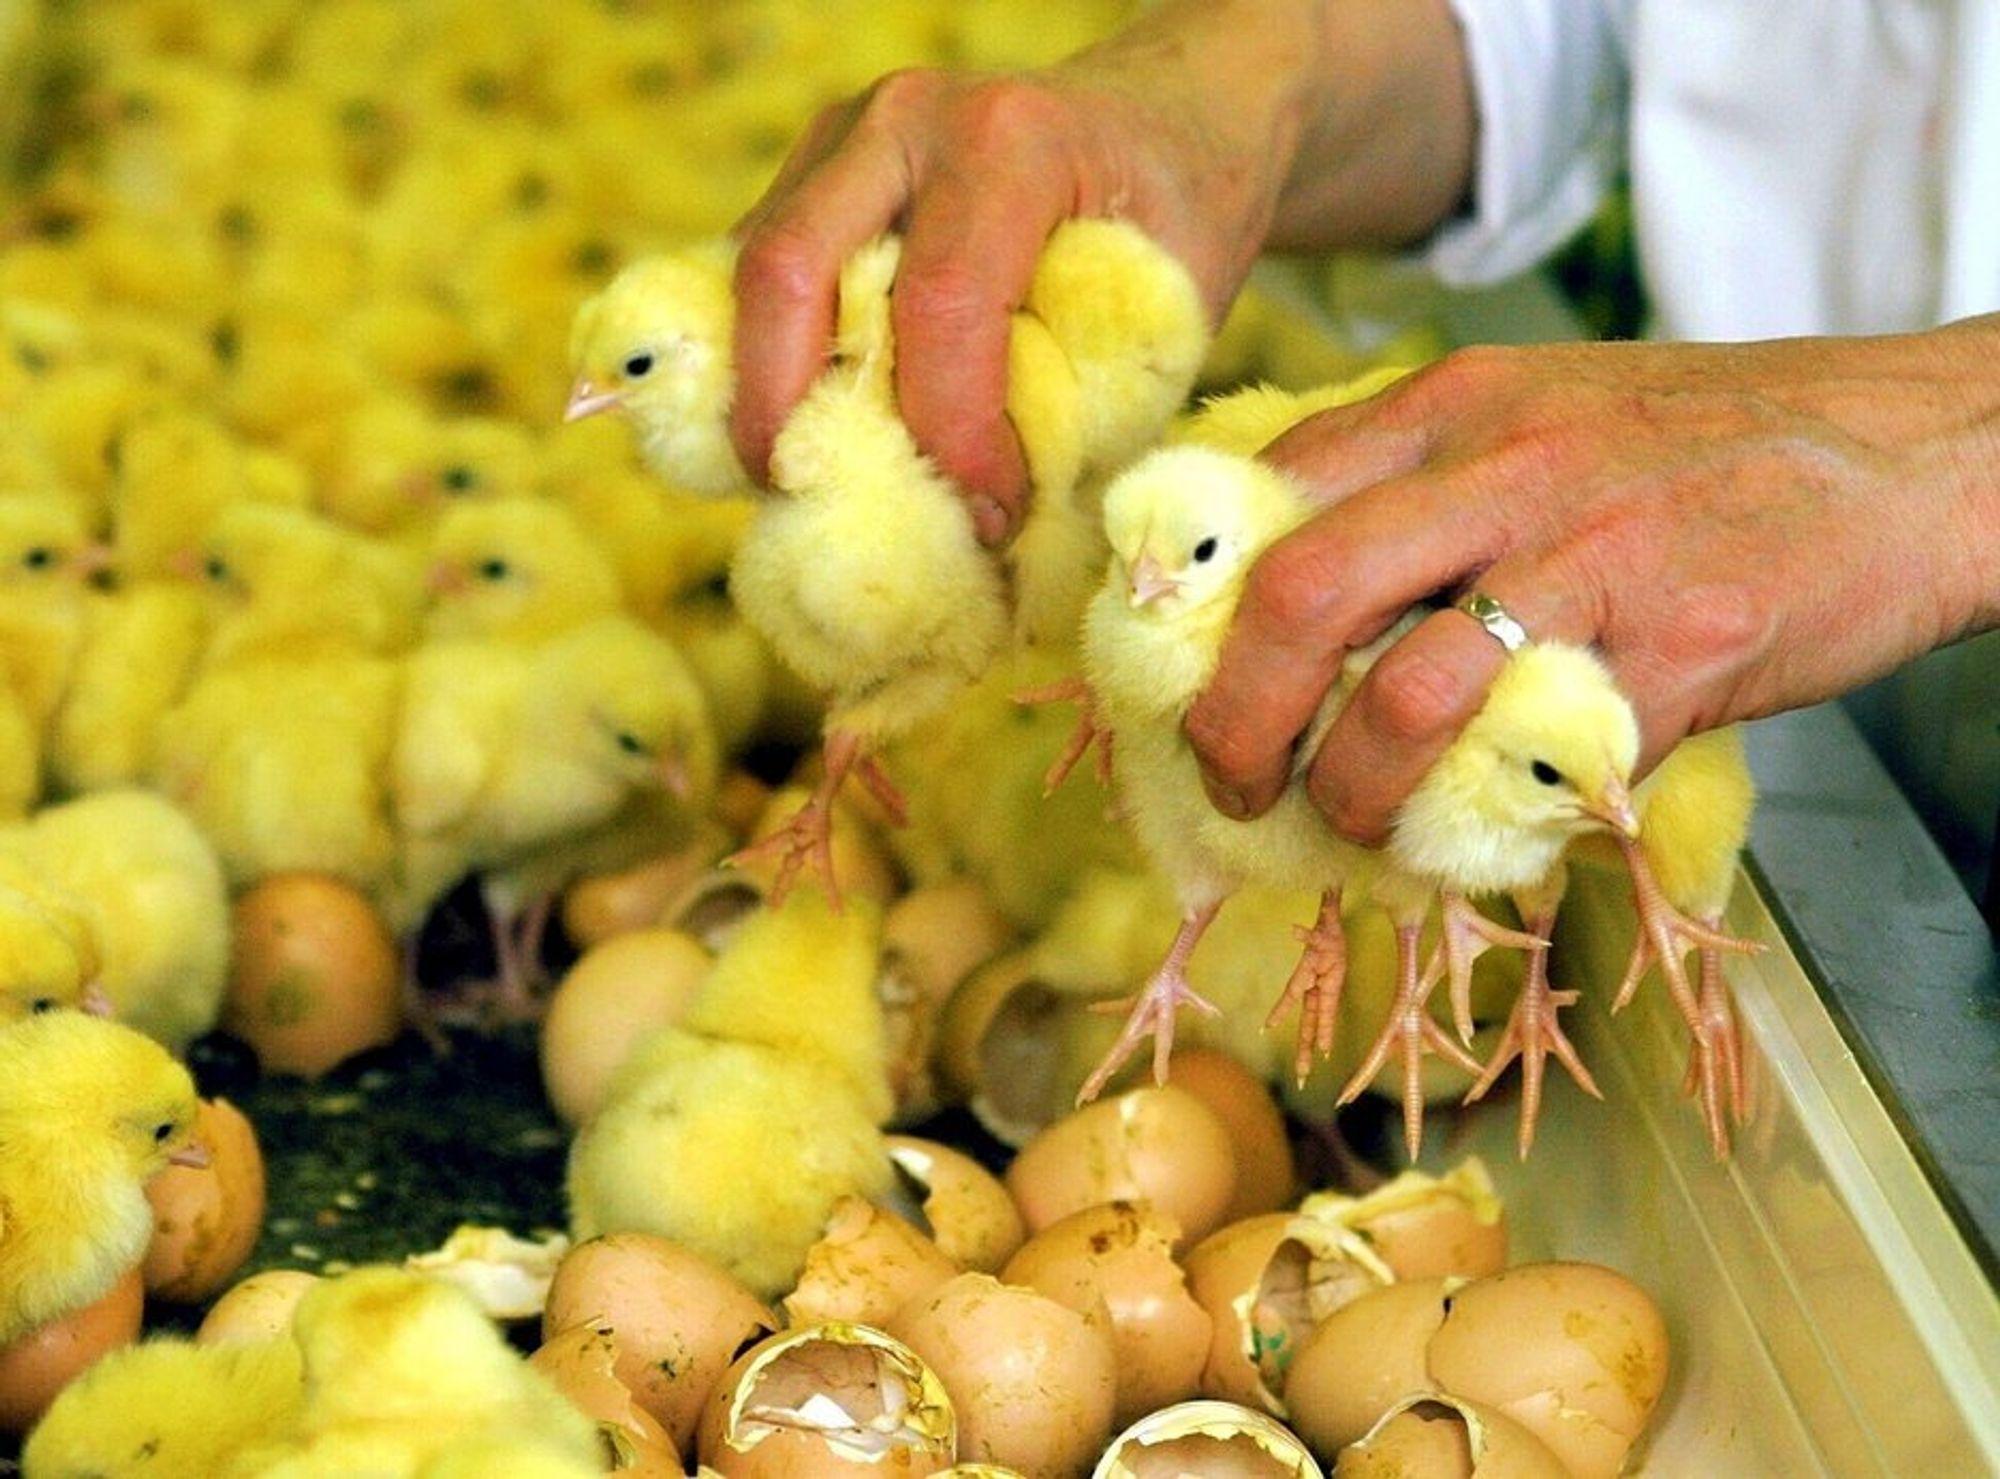 GIFTIG AVFALL: Avfall fra biodiesel-produksjon har i årevis blitt tilsatt tysk dyrefôr.